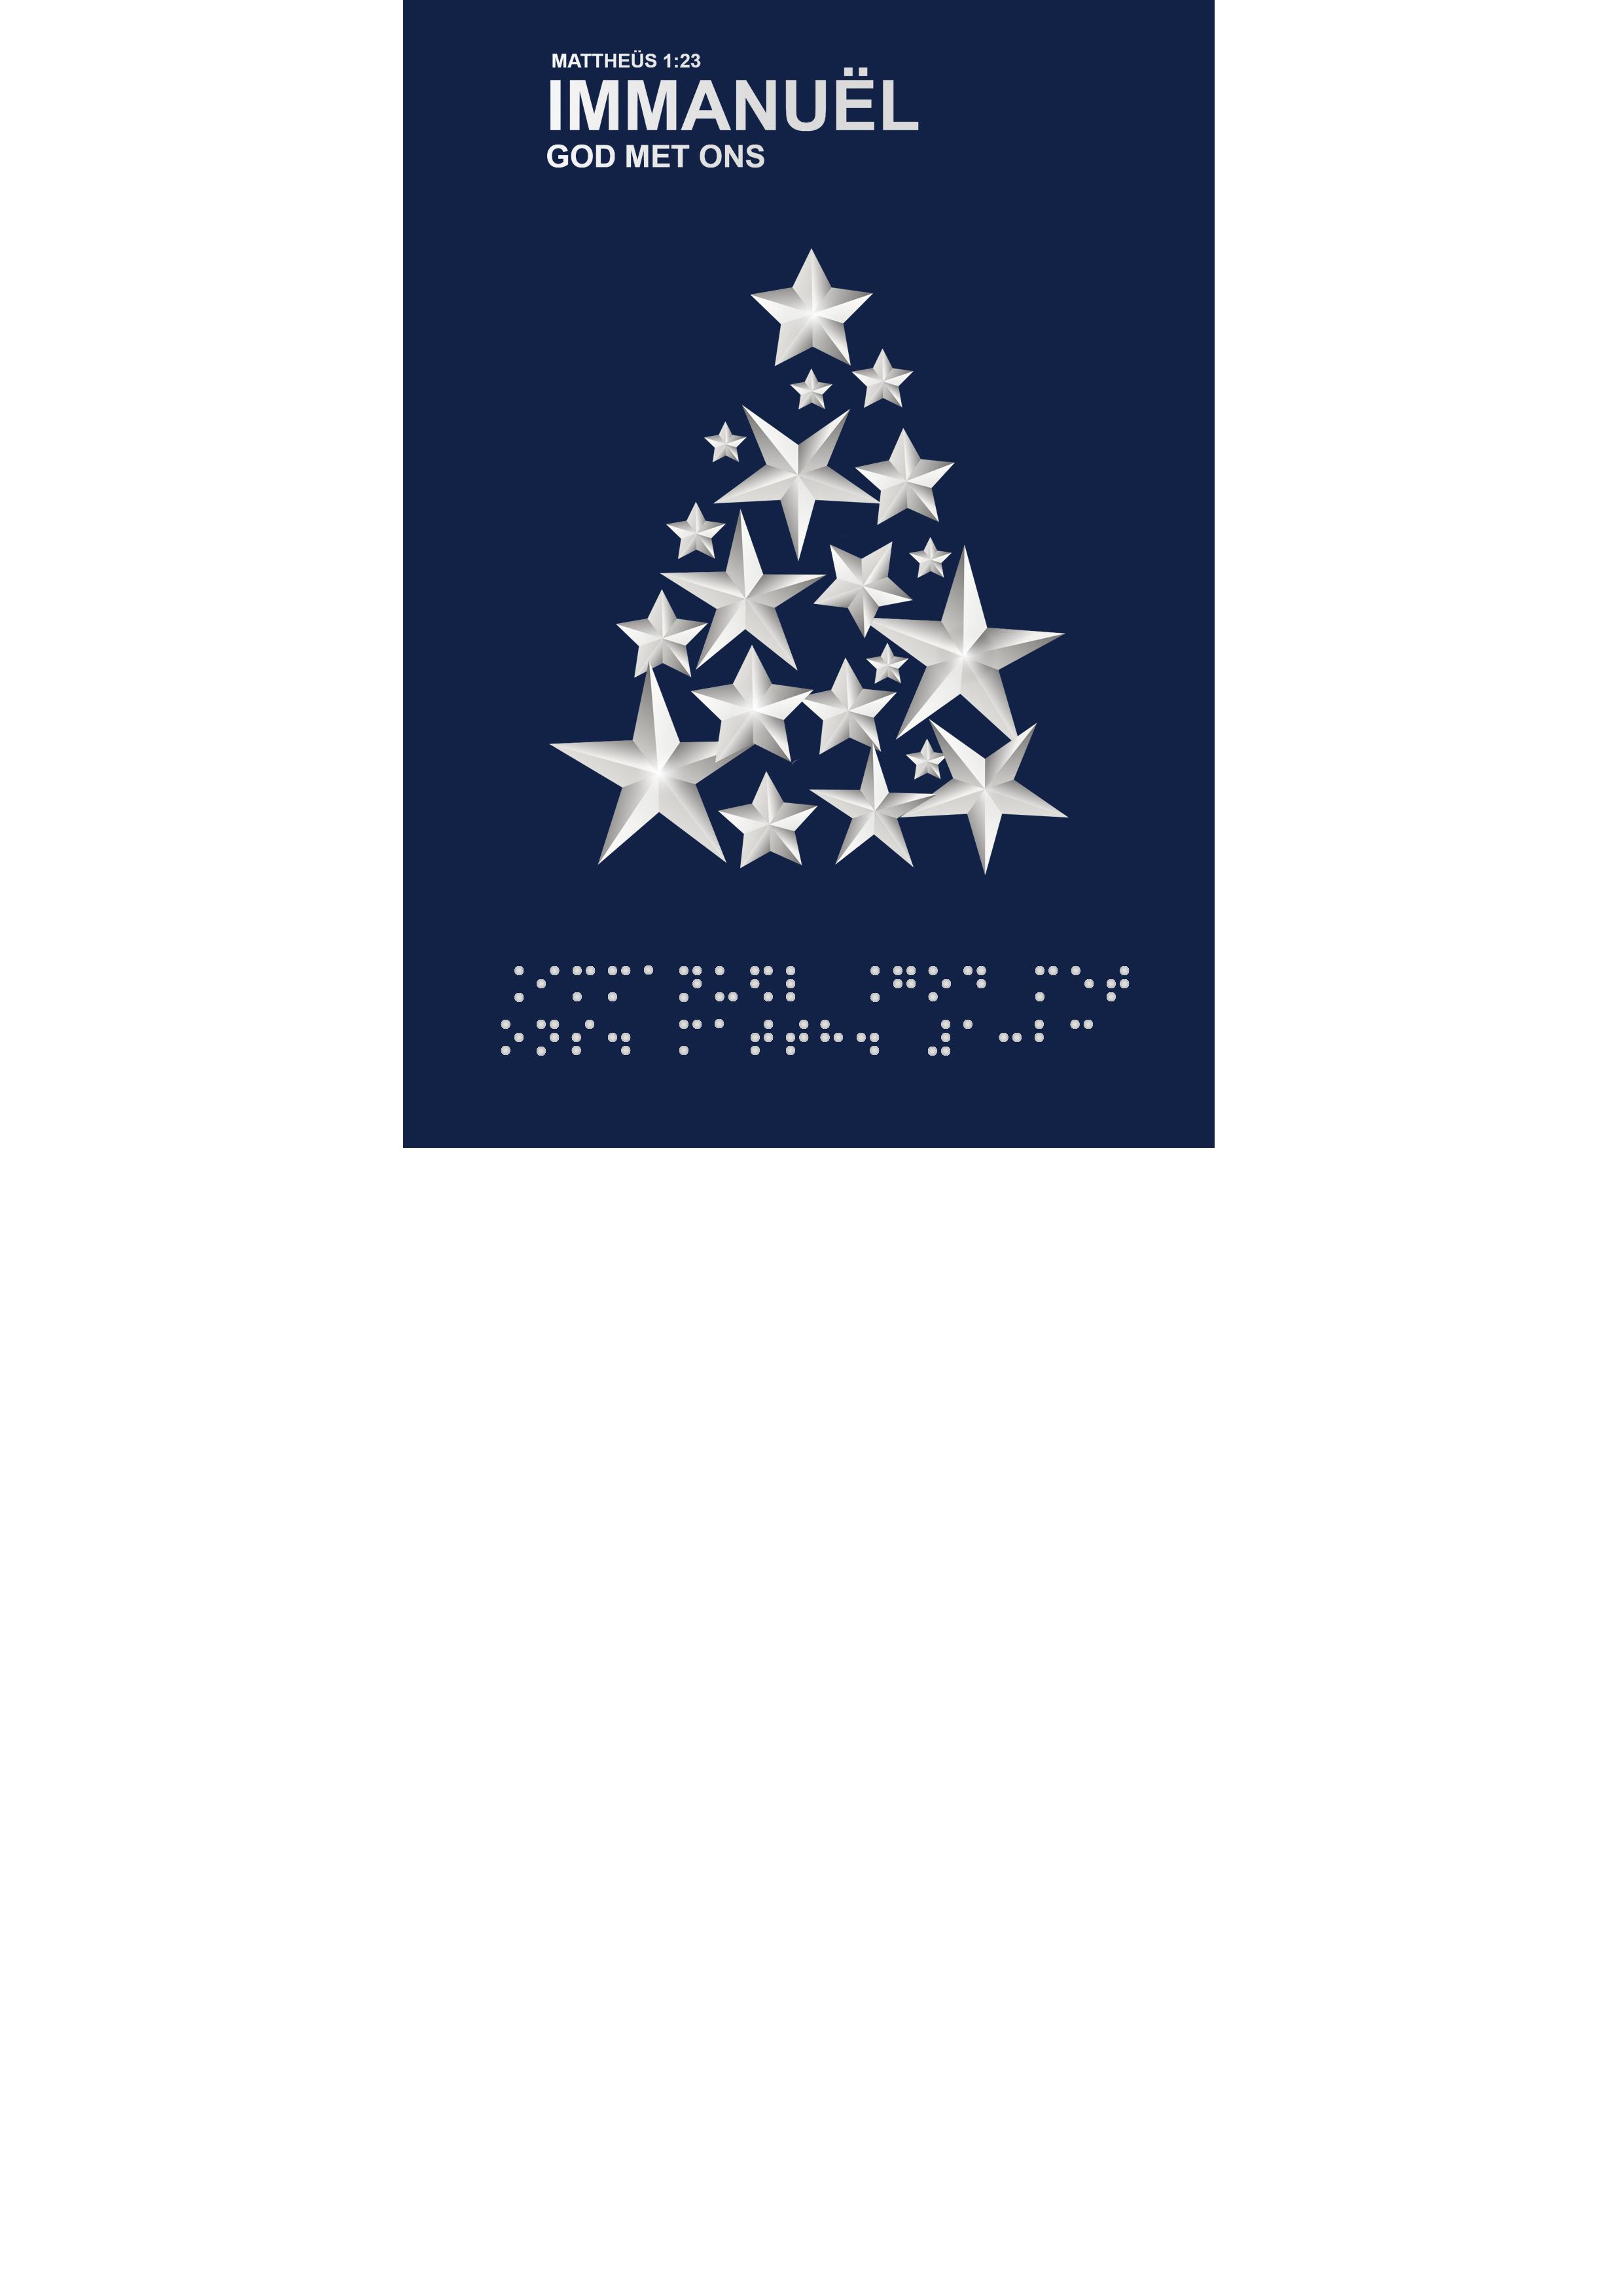 Voelbare wenskaart met braille en reliëf. In braille de tekst: Immanuël, God met ons. Met een voelbare afbeelding van een kerstboom gemaakt van sterren.